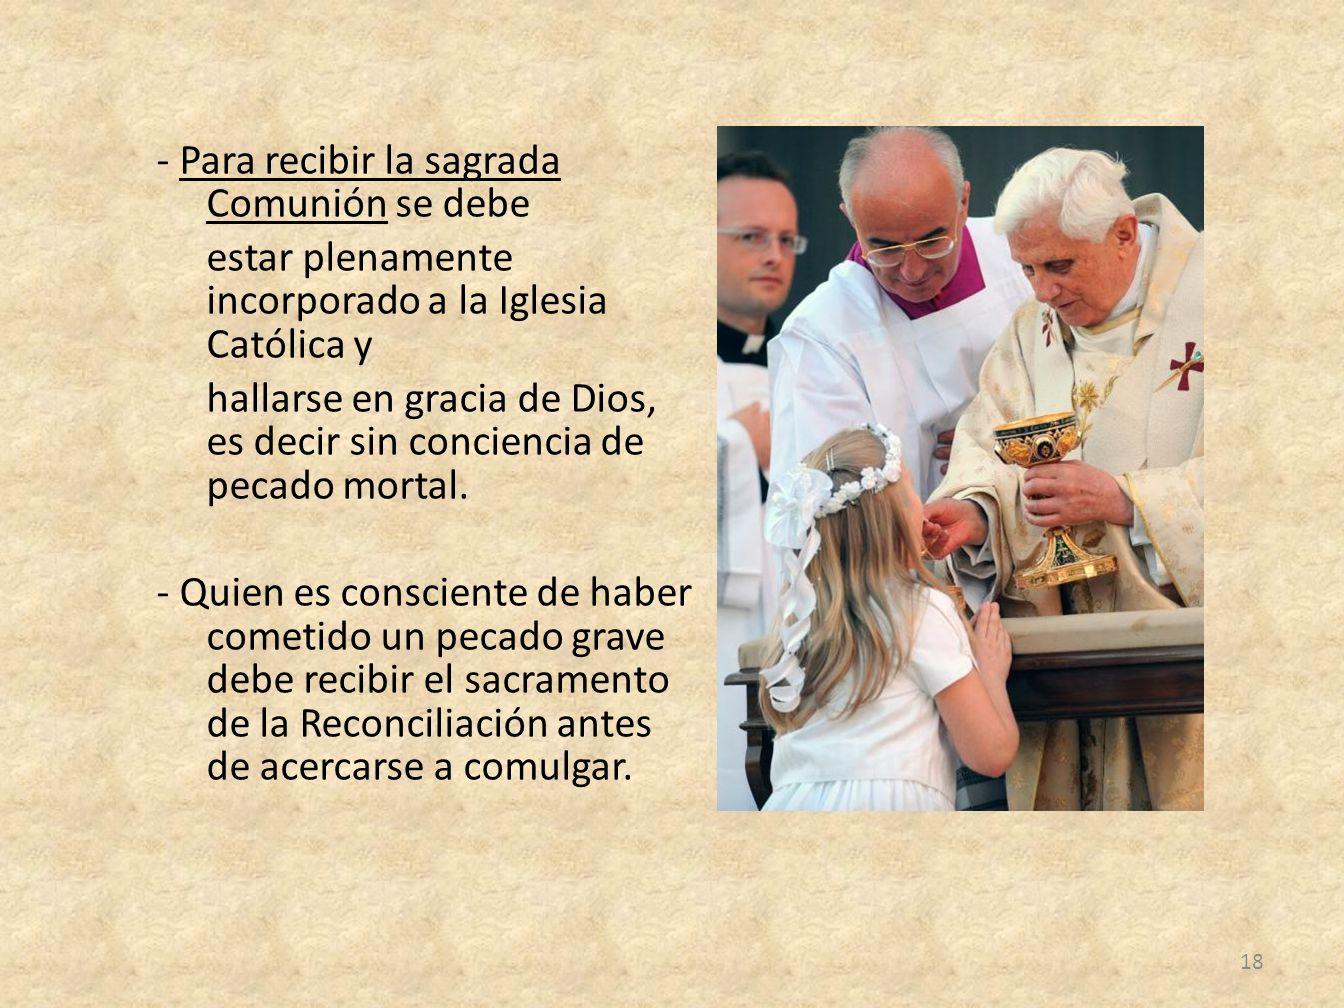 - Para recibir la sagrada Comunión se debe estar plenamente incorporado a la Iglesia Católica y hallarse en gracia de Dios, es decir sin conciencia de pecado mortal.